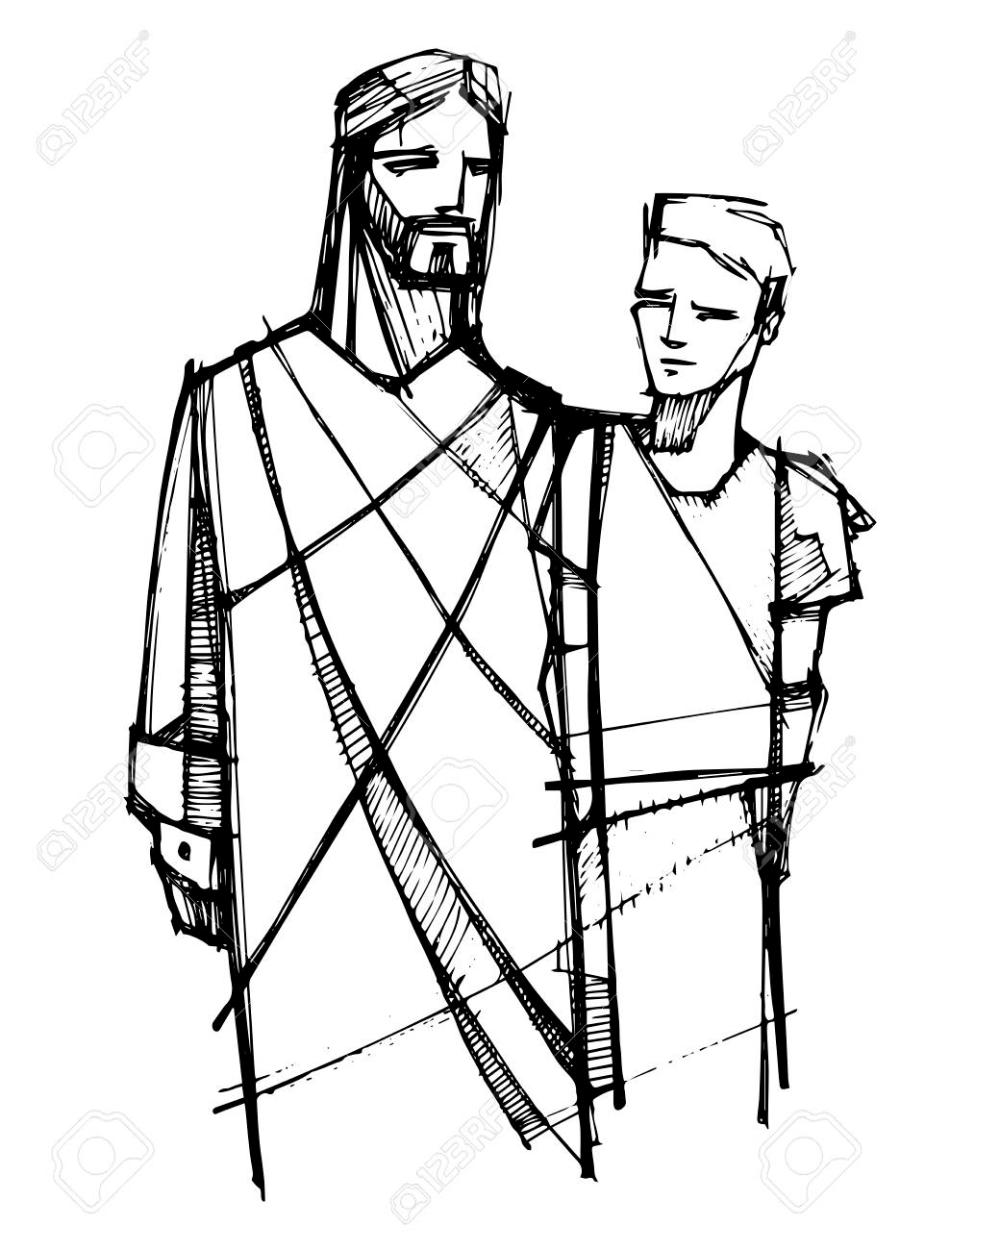 Ilustracion De Vector Dibujado A Mano O Dibujo De Jesucristo Caminando Con Hombre Joven Manos Dibujo Dibujos De Jesus Arte De Jesus